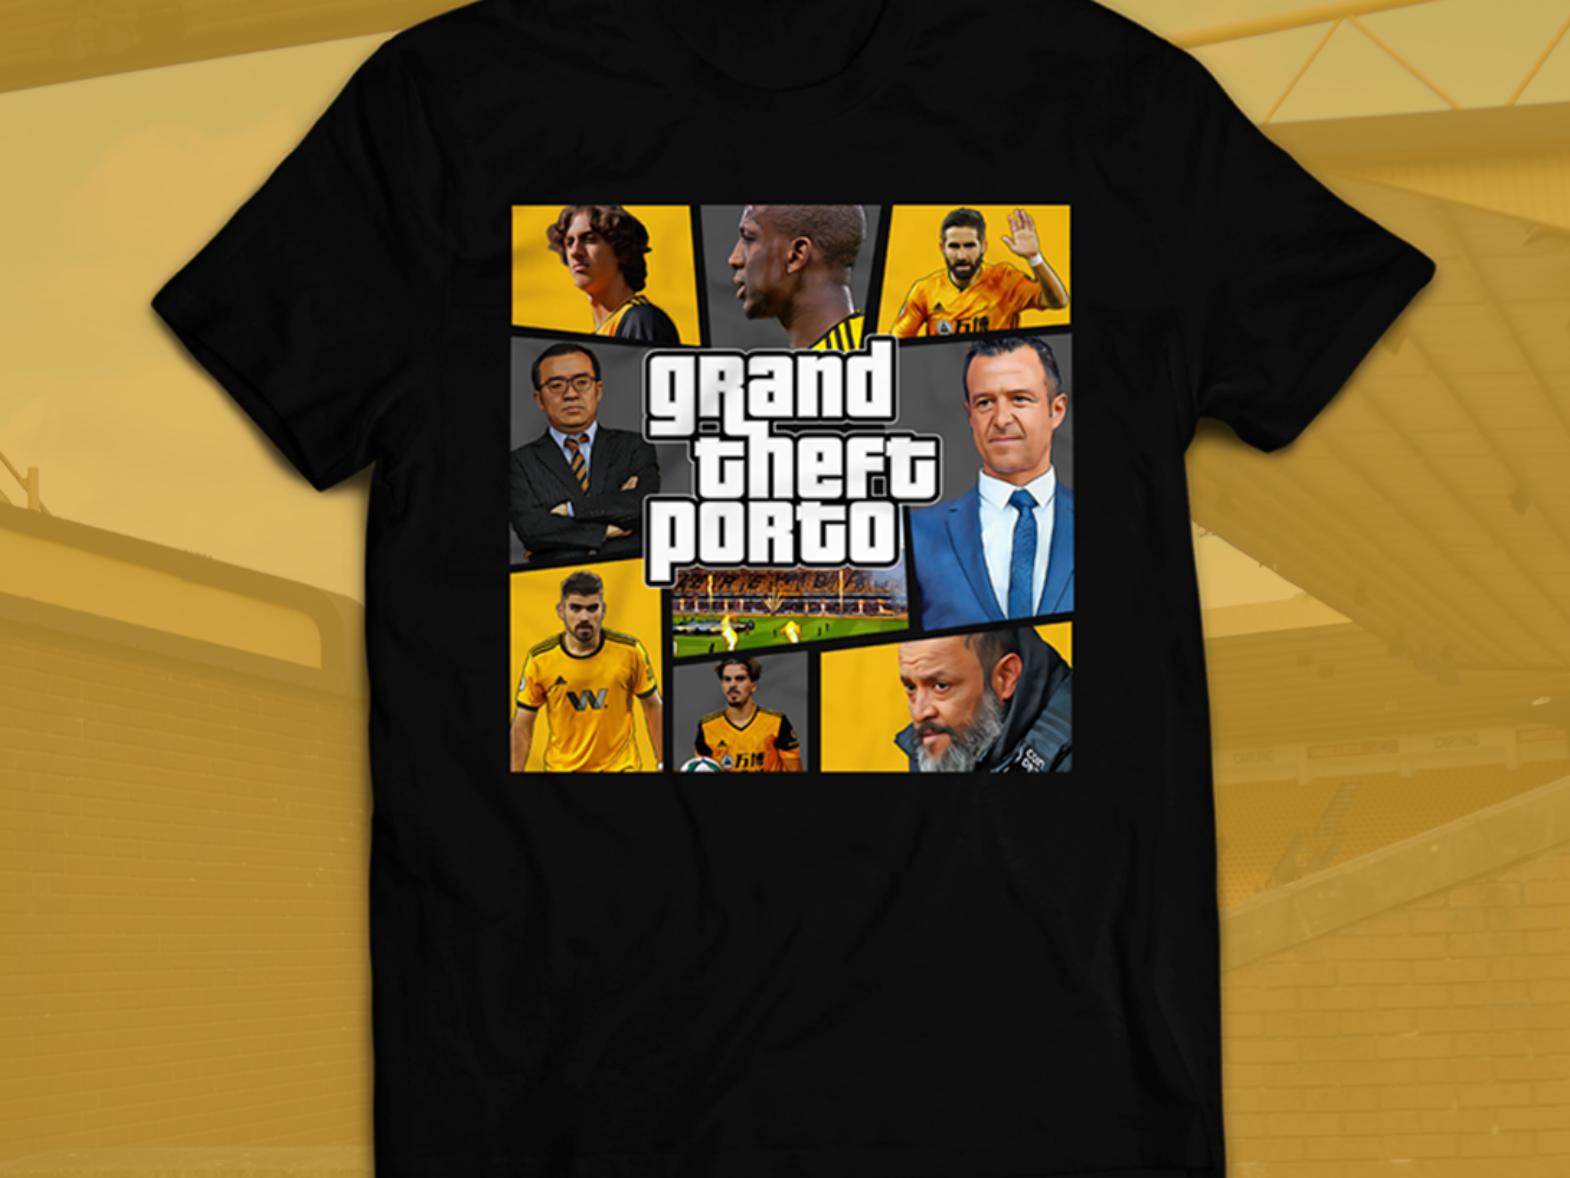 Grand Theft Porto Shirt